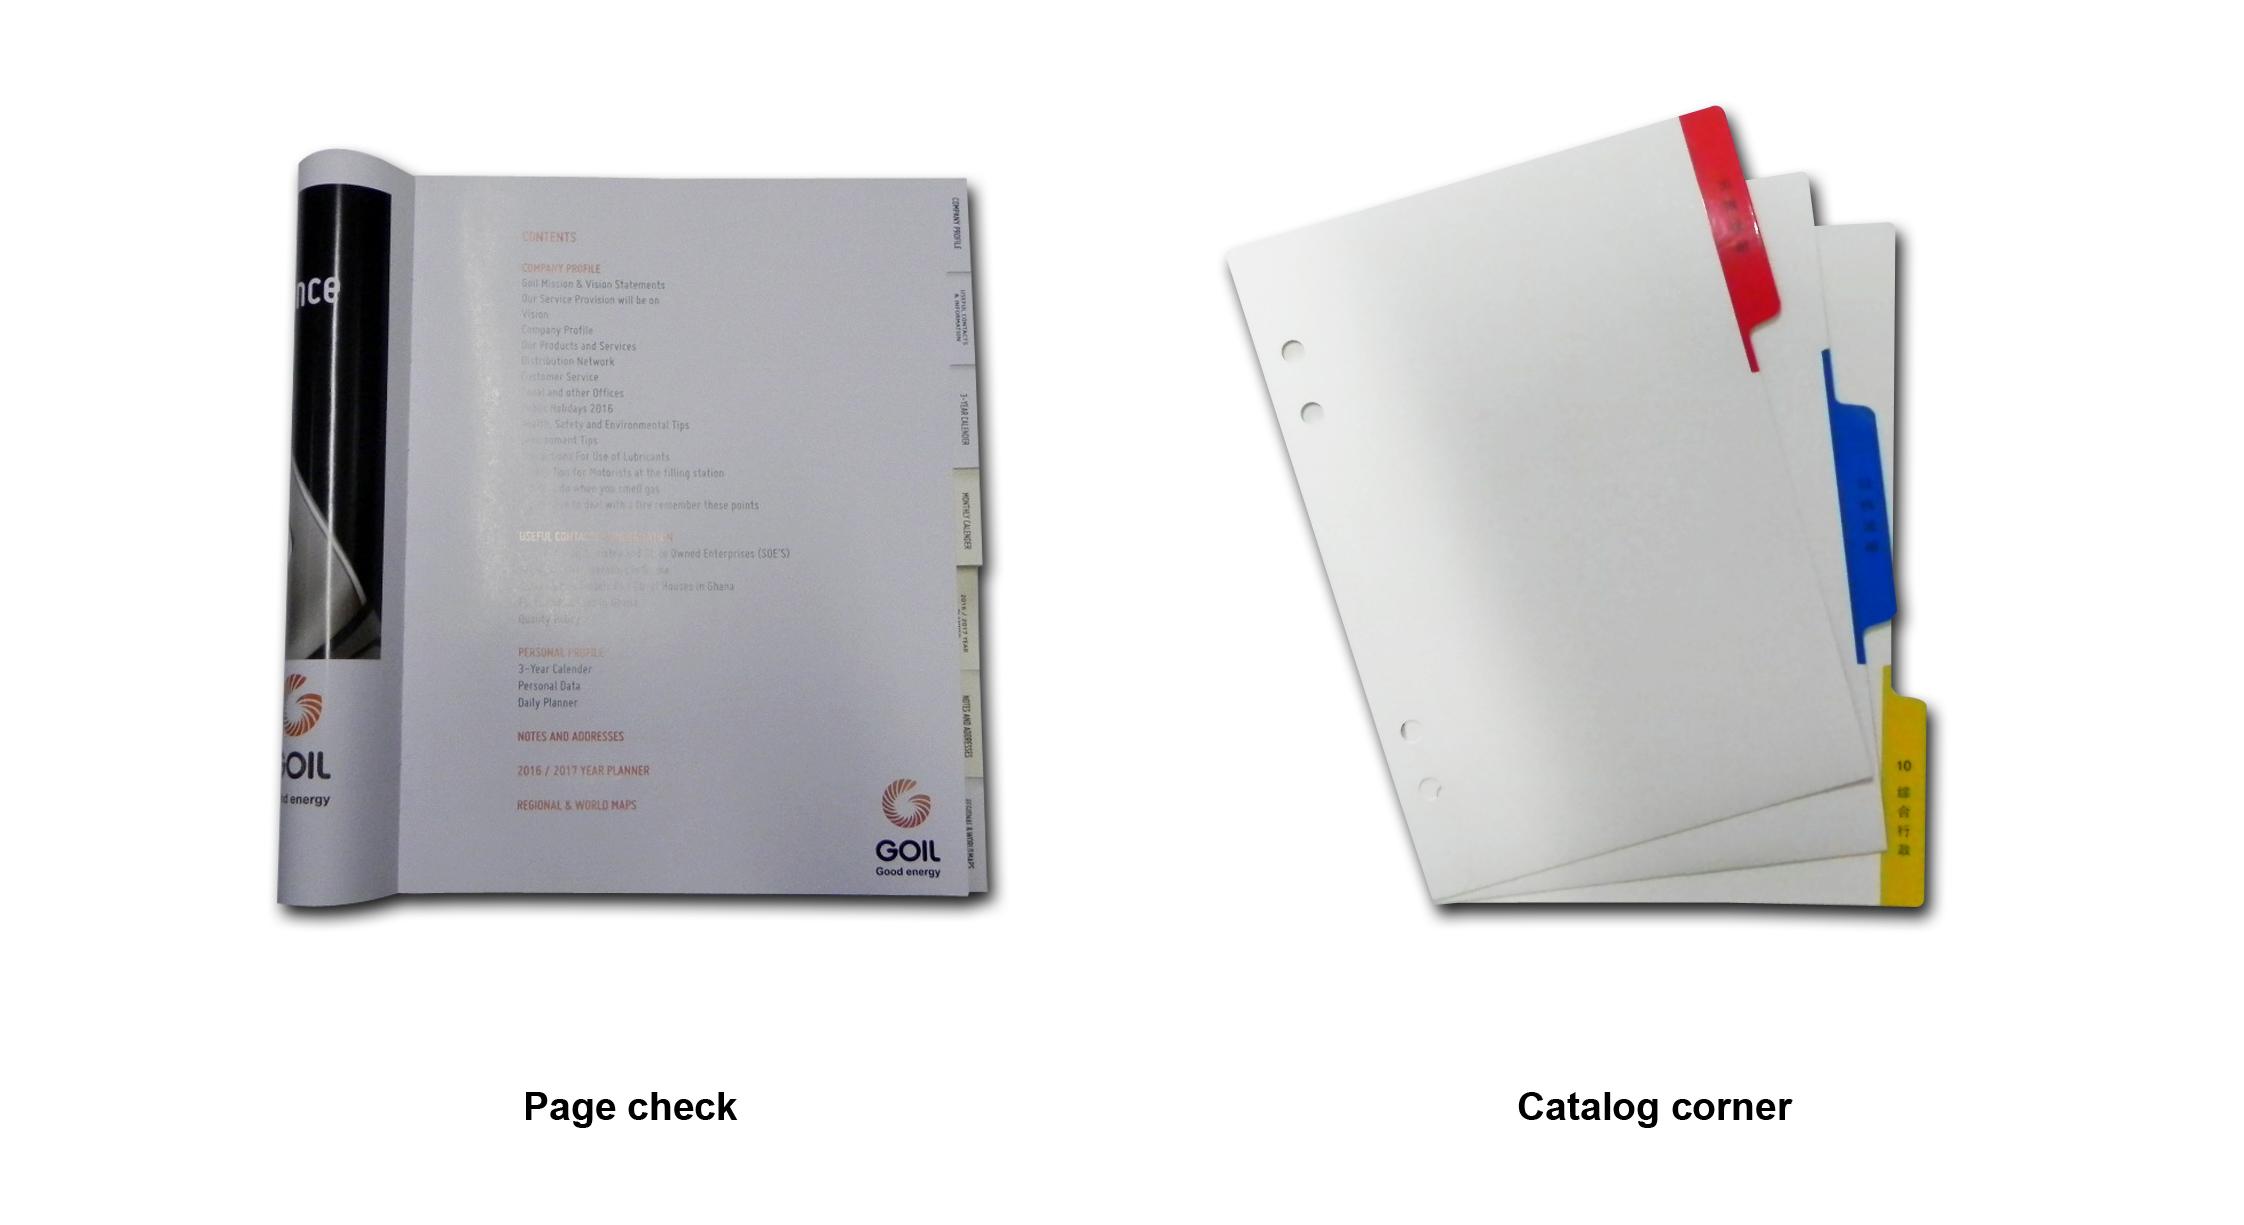 分页签和目录切角